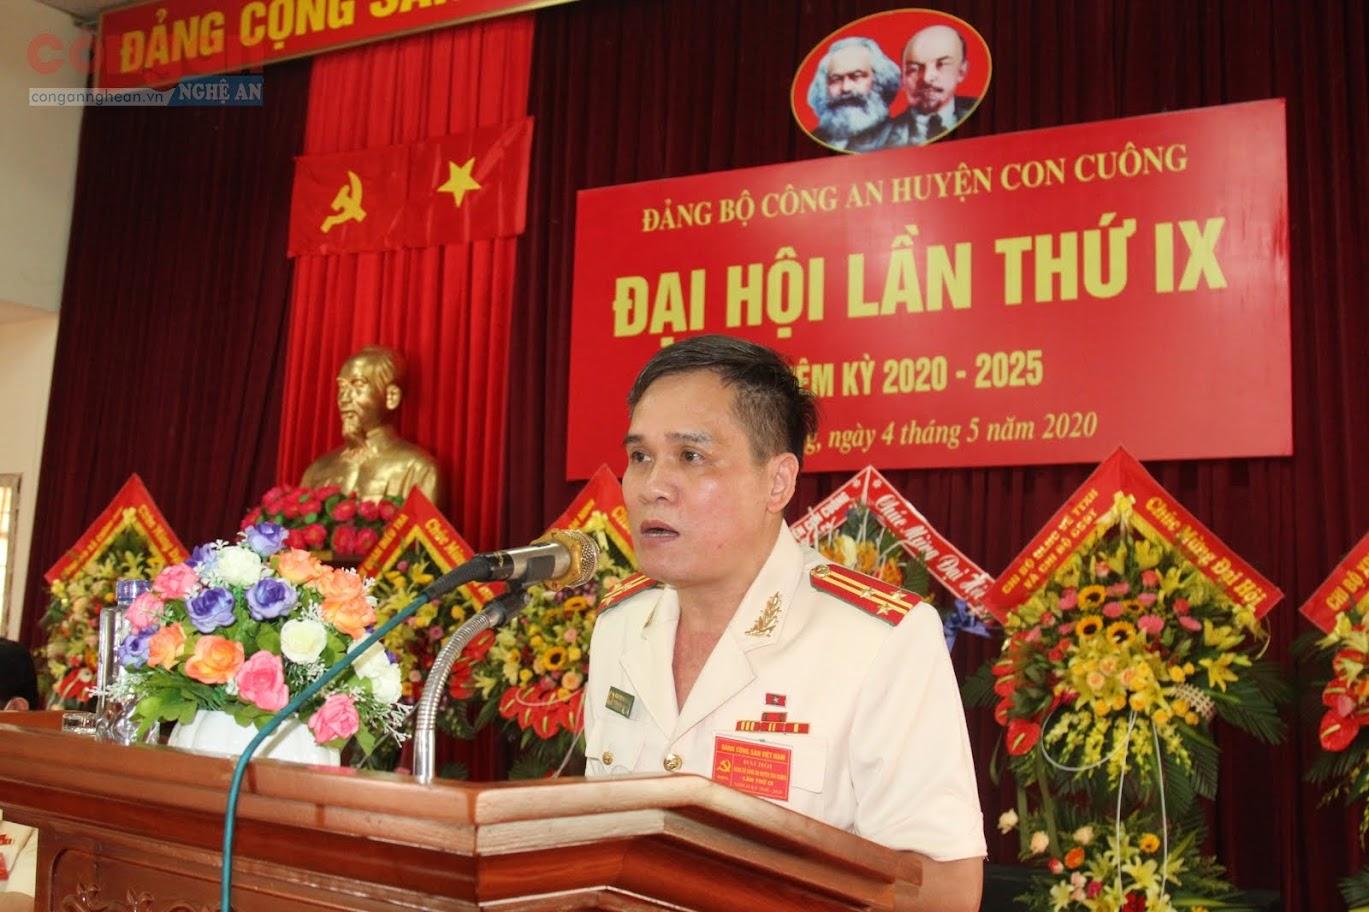 Đồng chí Thượng tá Nguyễn Hải Đăng, Bí Thư Đảng bộ Công an huyện Con Cuông khai mạc Đại hội